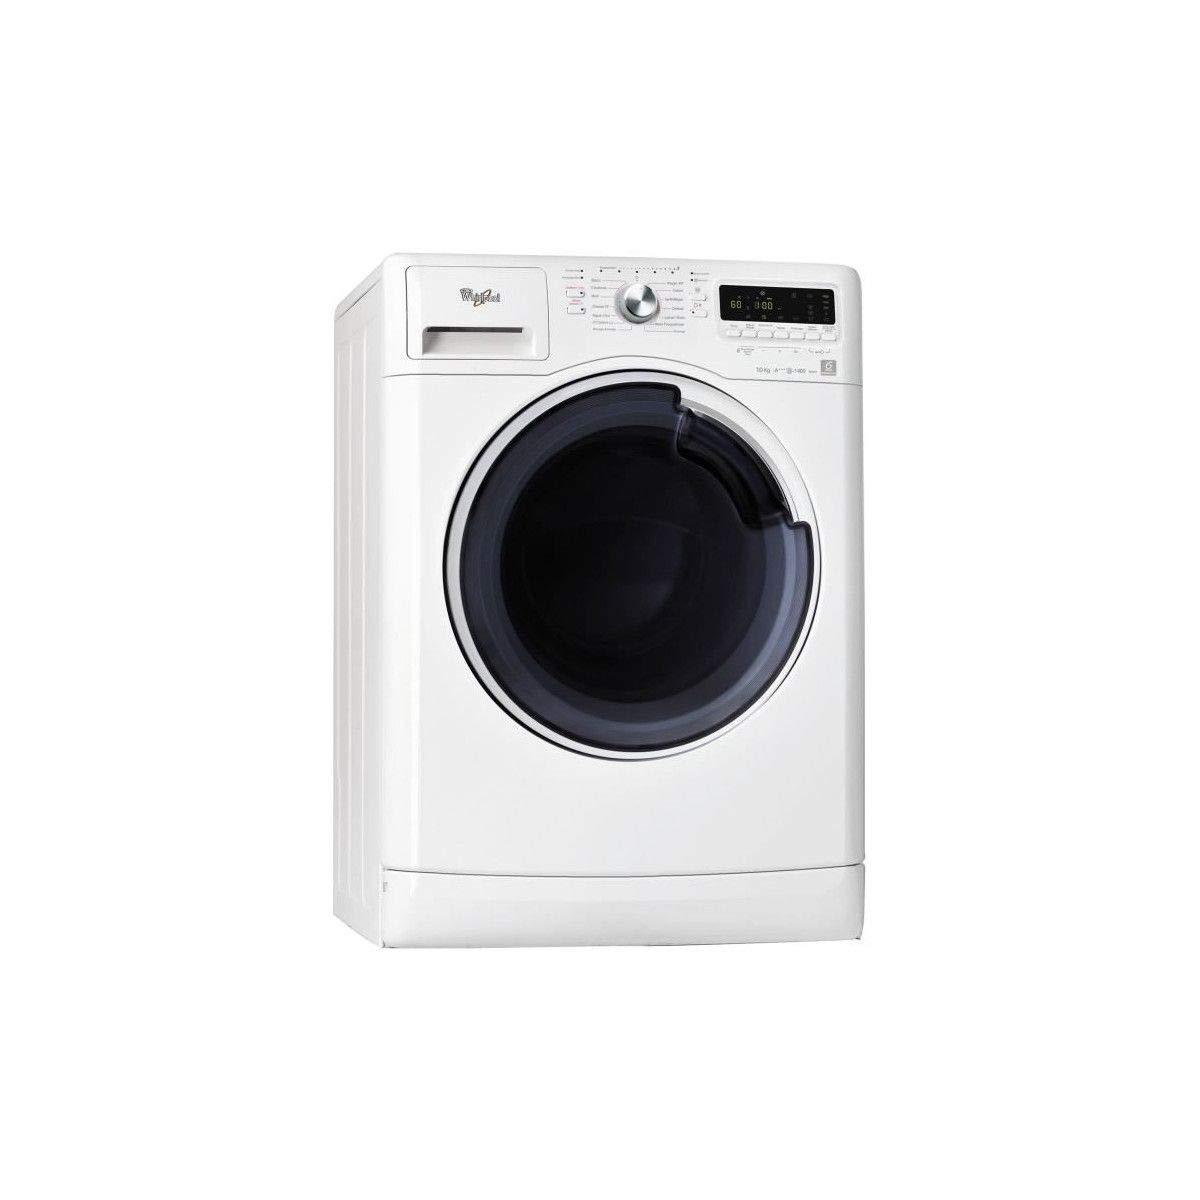 Quelle machine à laver de 10 kg choisir ?